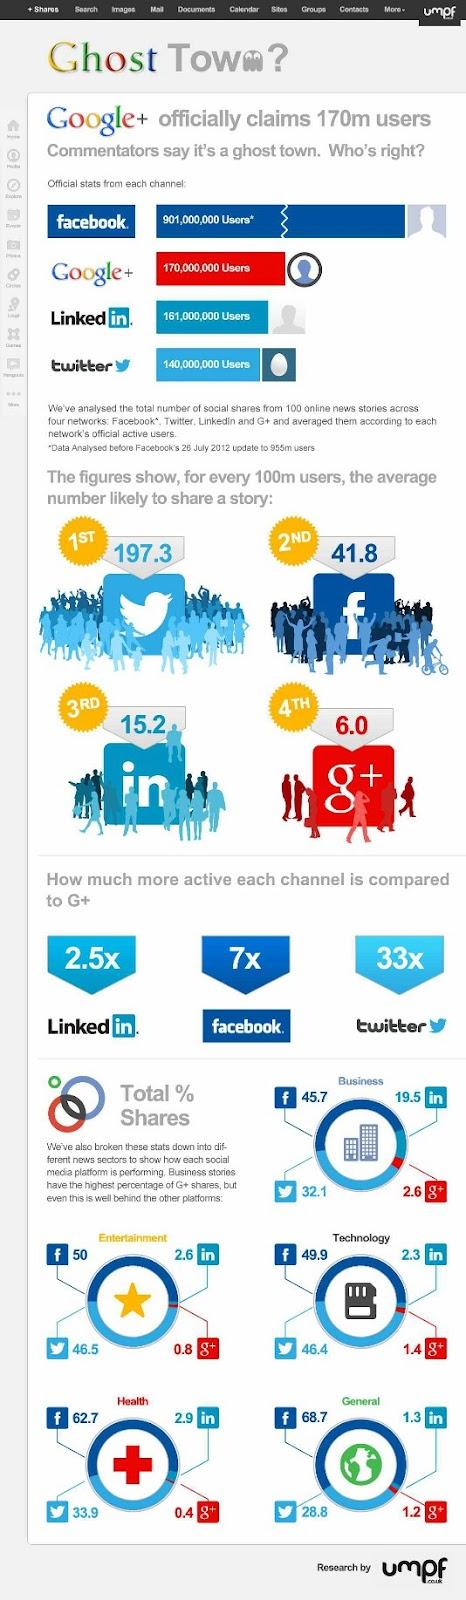 Compartilhar conteúdo é mesmo no Twitter